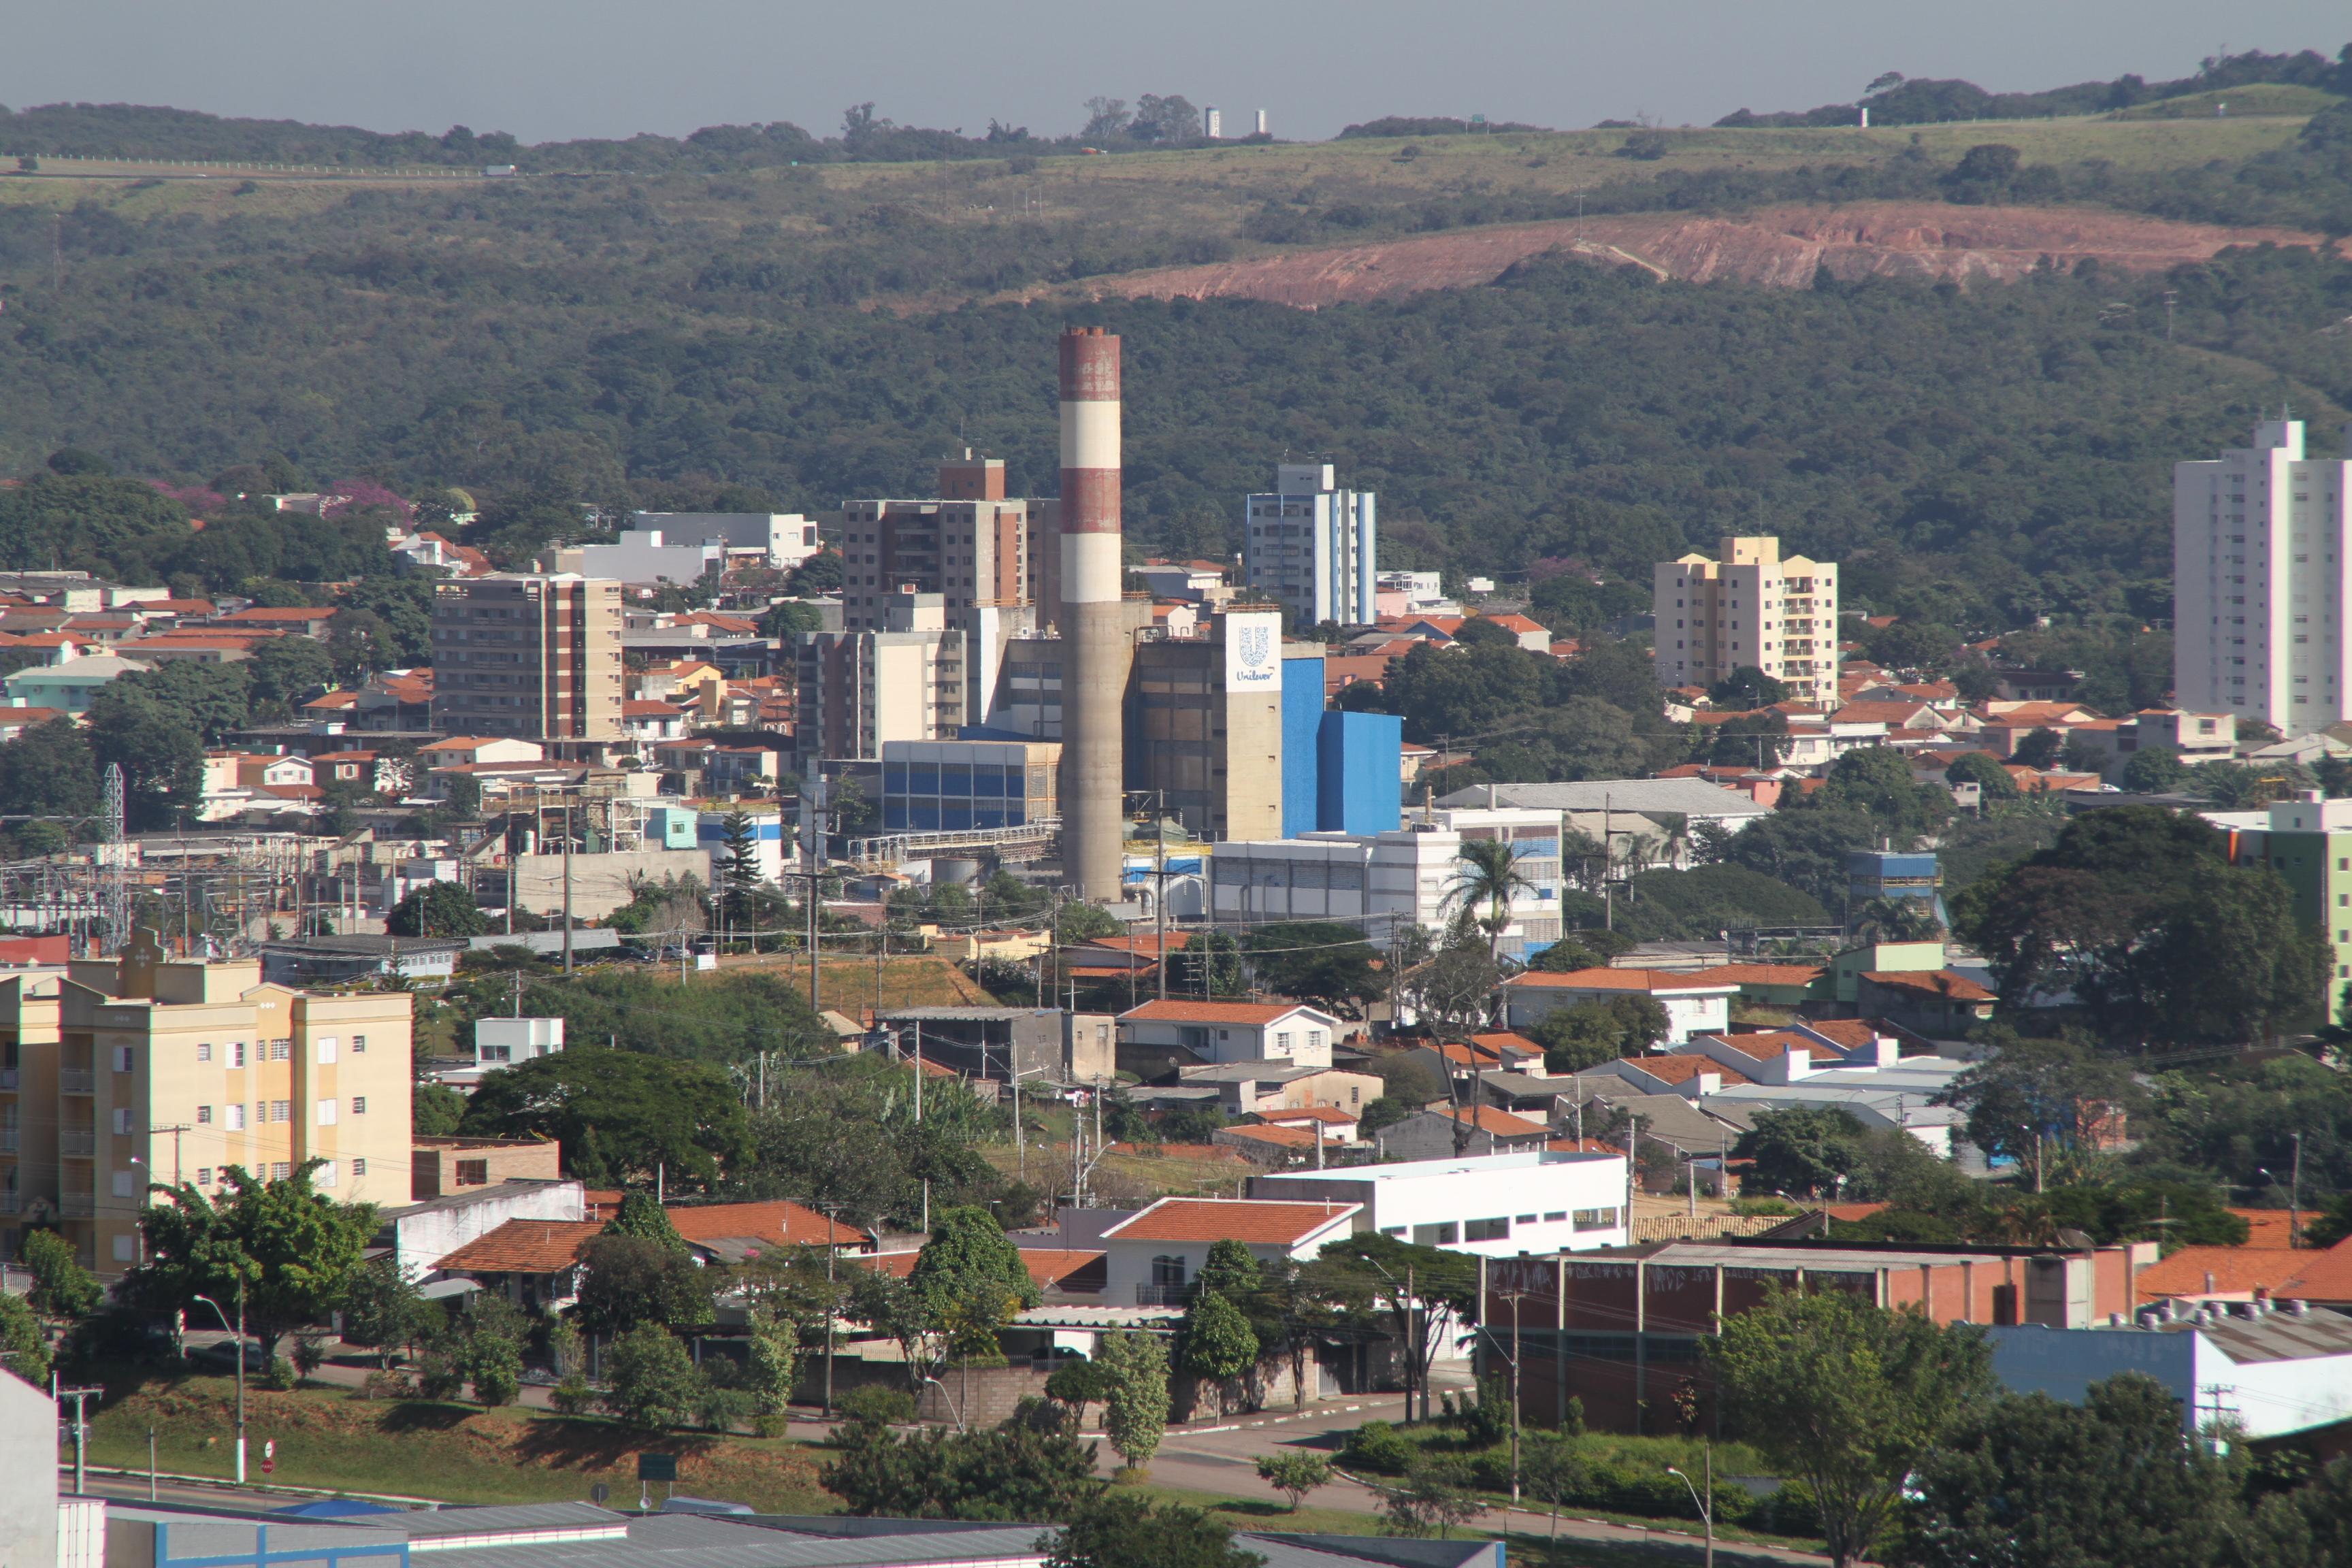 #PraCegoVer: Vista de área central de Valinhos. No primeiro plano da foto, vêem-se casas e edifícios baixos; no meio, uma fábrica com chaminé; ao fundo, morros cobertos com vegetação, ou desmatados.